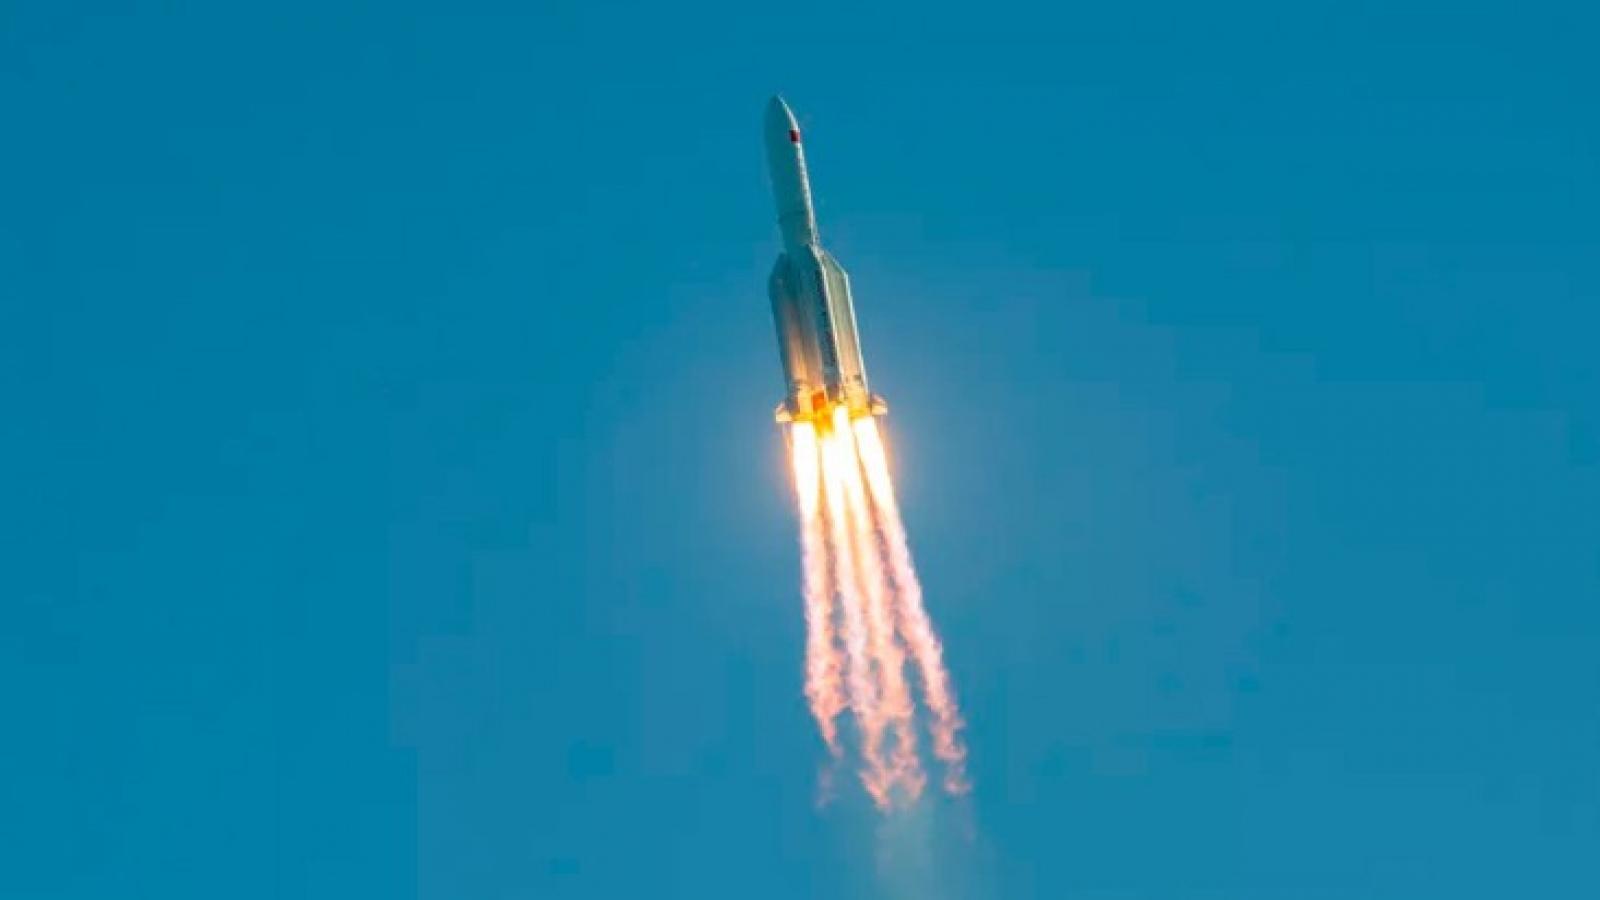 Trung Quốc công bố bước tiếp theo của Chương trình đưa người vào vũ trụ